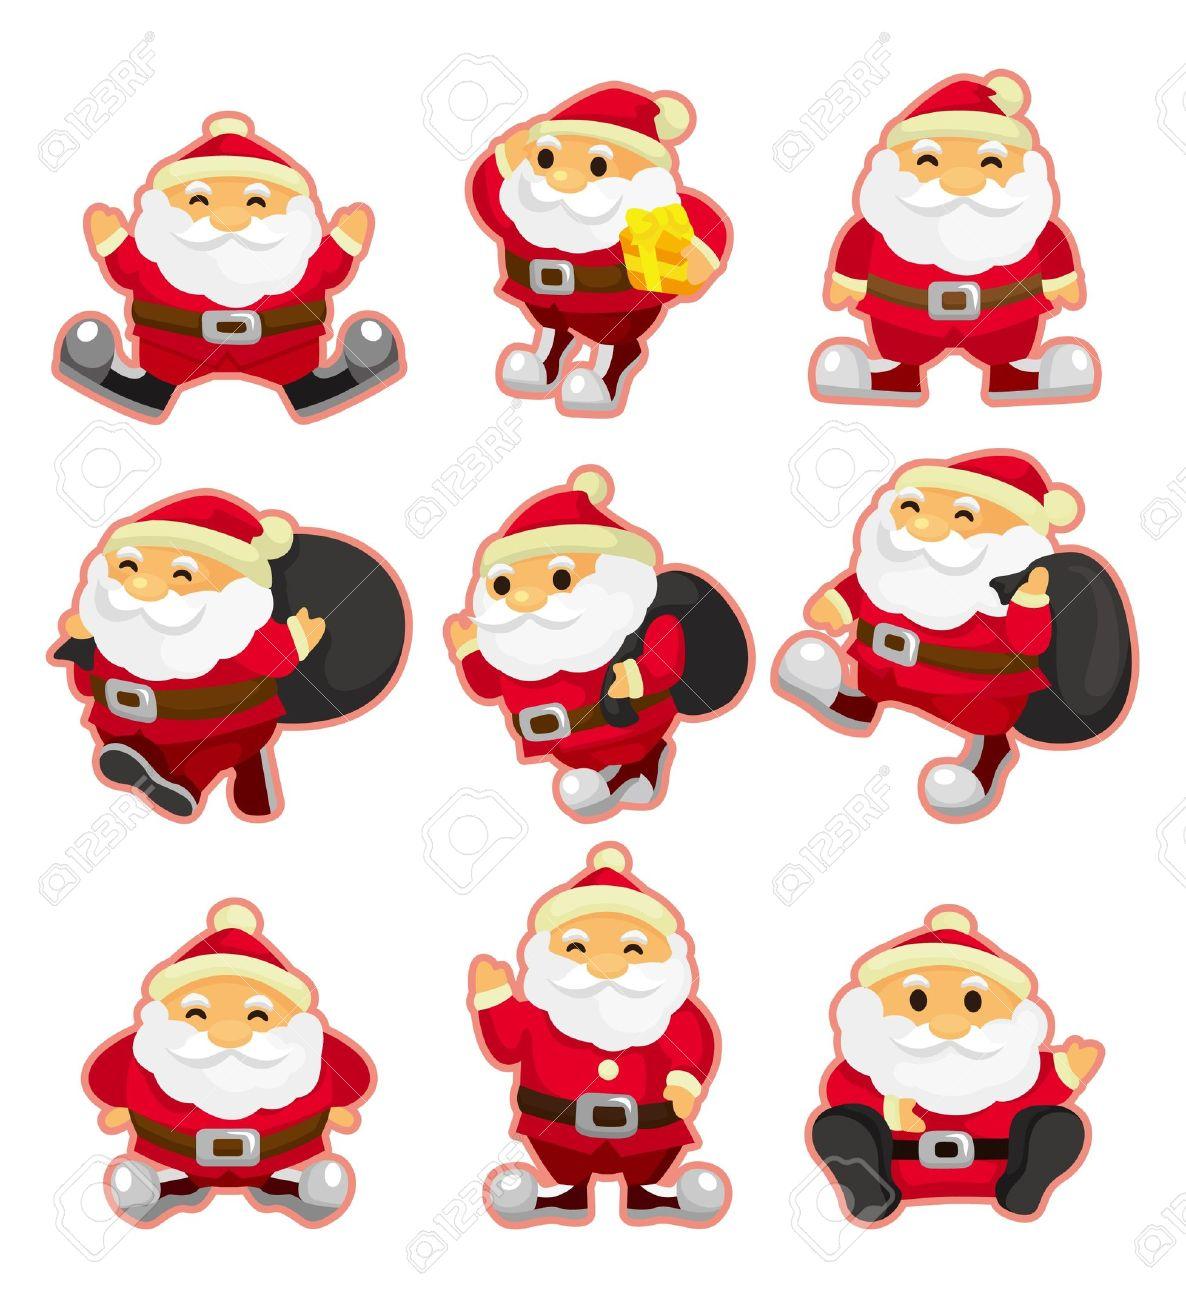 cartoon santa claus Christmas  icon set Stock Vector - 9829663